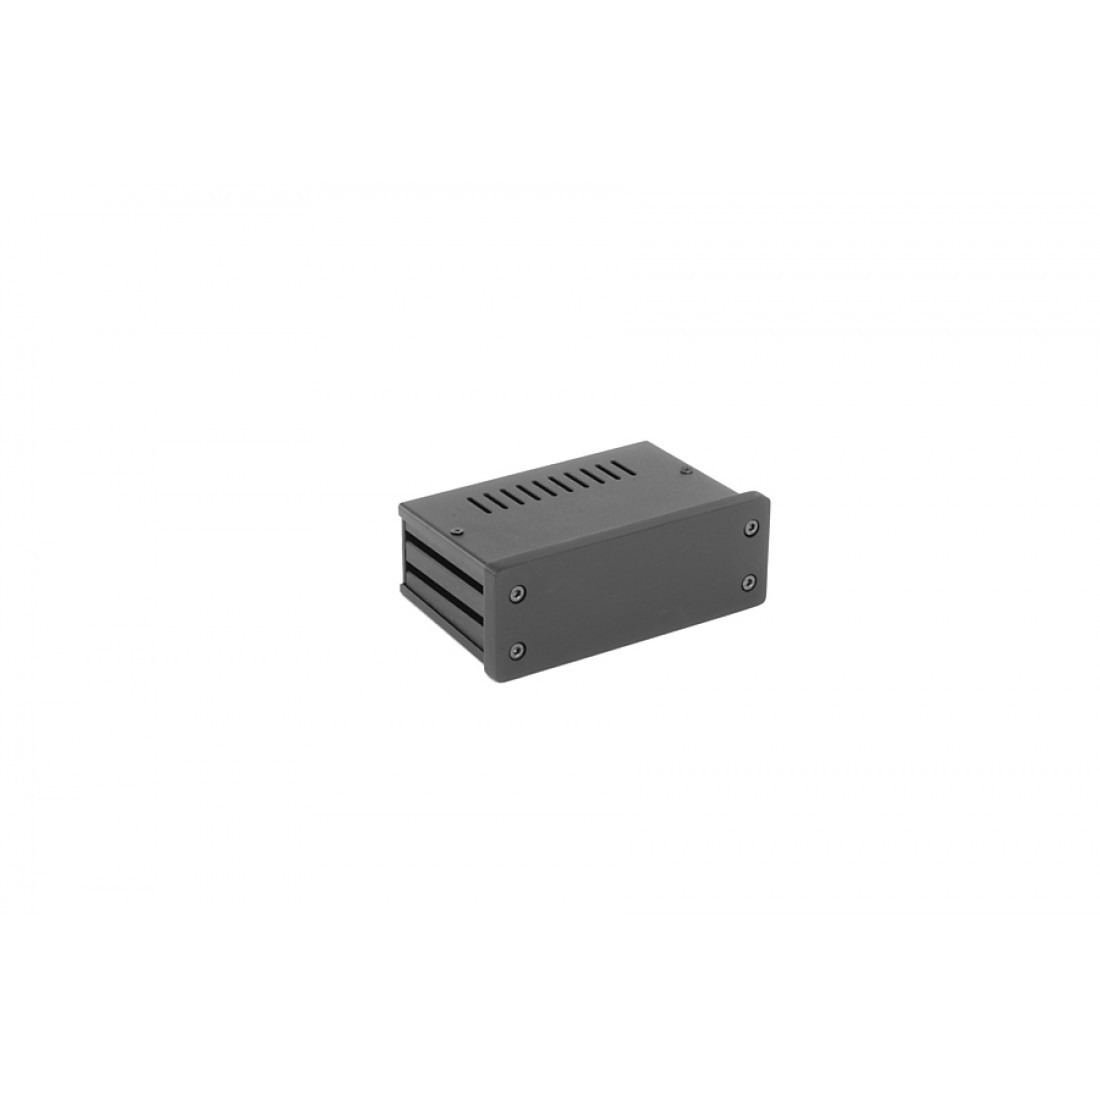 1NGX140N - 1U Galaxy krabice, 124 x 73 x 40mm, 10mm panel černý, Fe víka